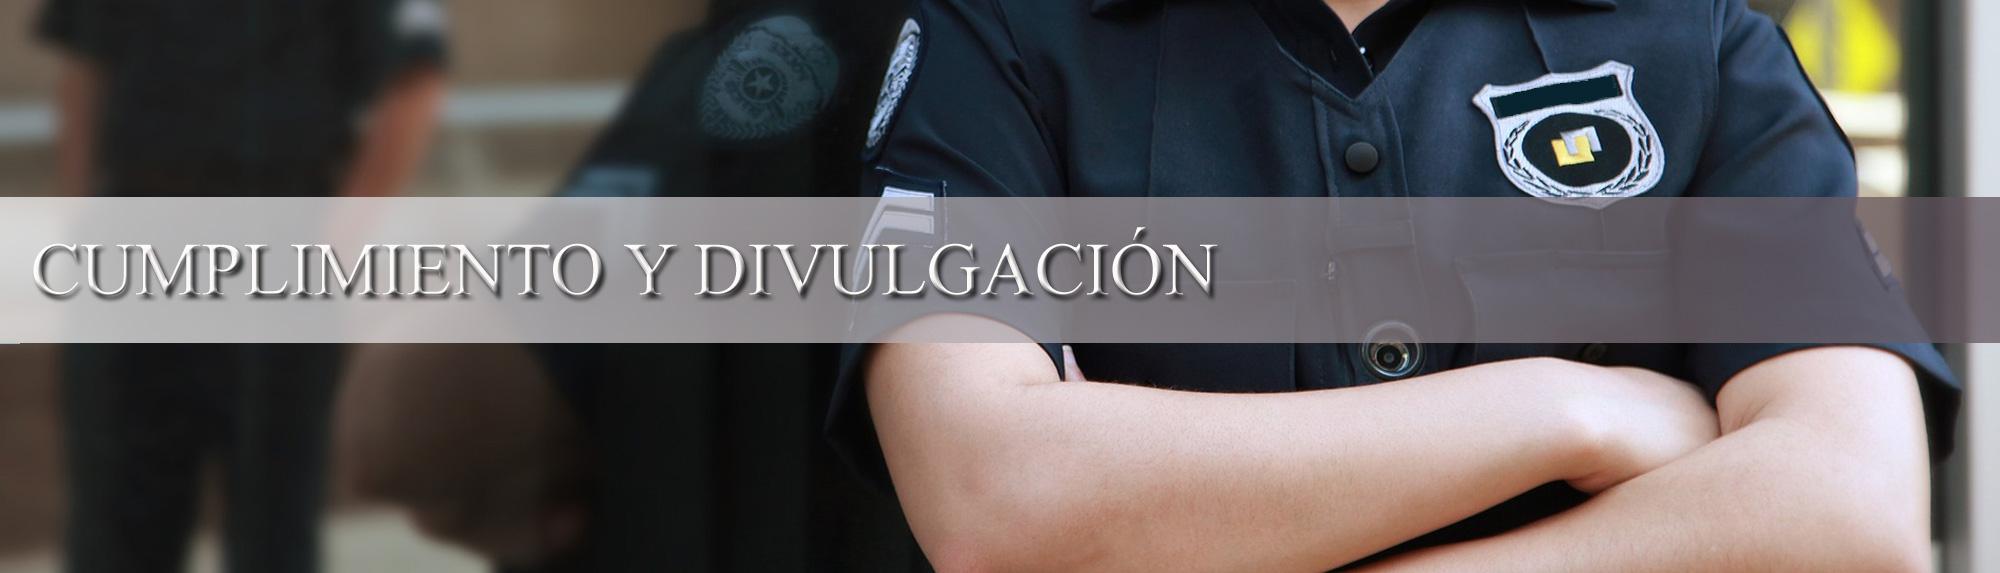 CUMPLIMIENTO-Y-DIVULGACION